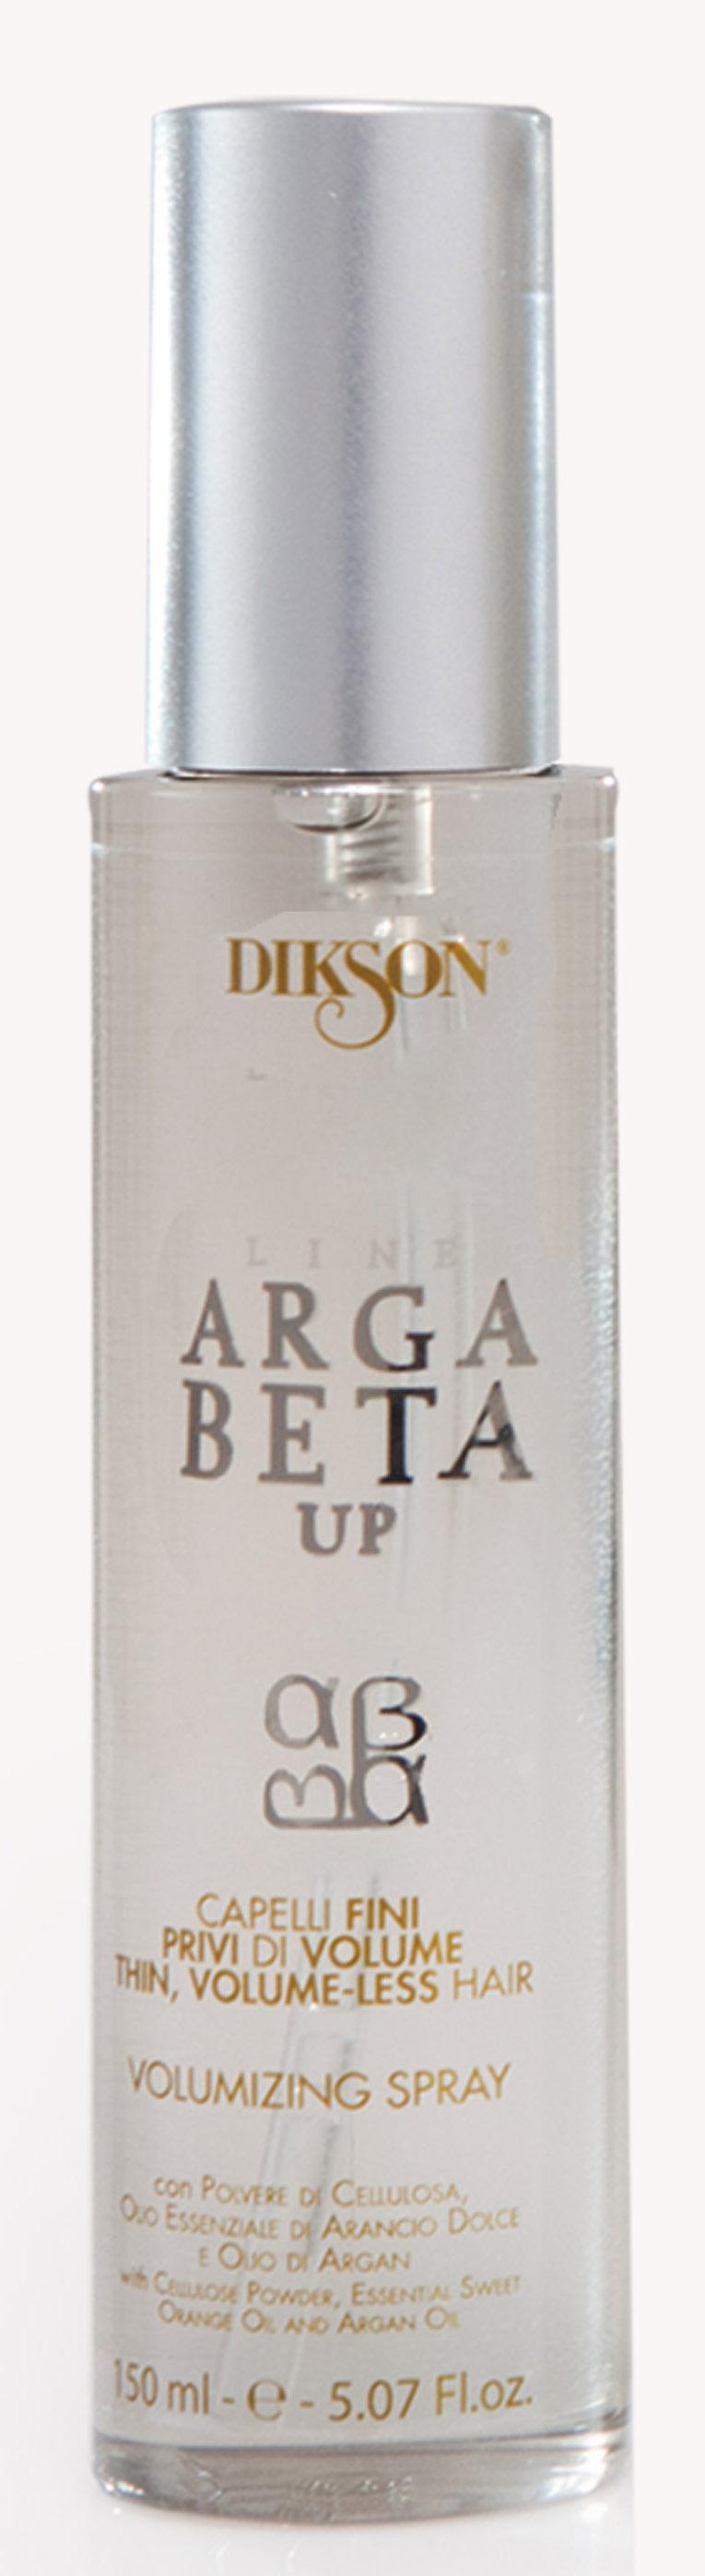 Спрей для объема для тонких волос / ARGABETA UP Capelli Di Volume 150 мл